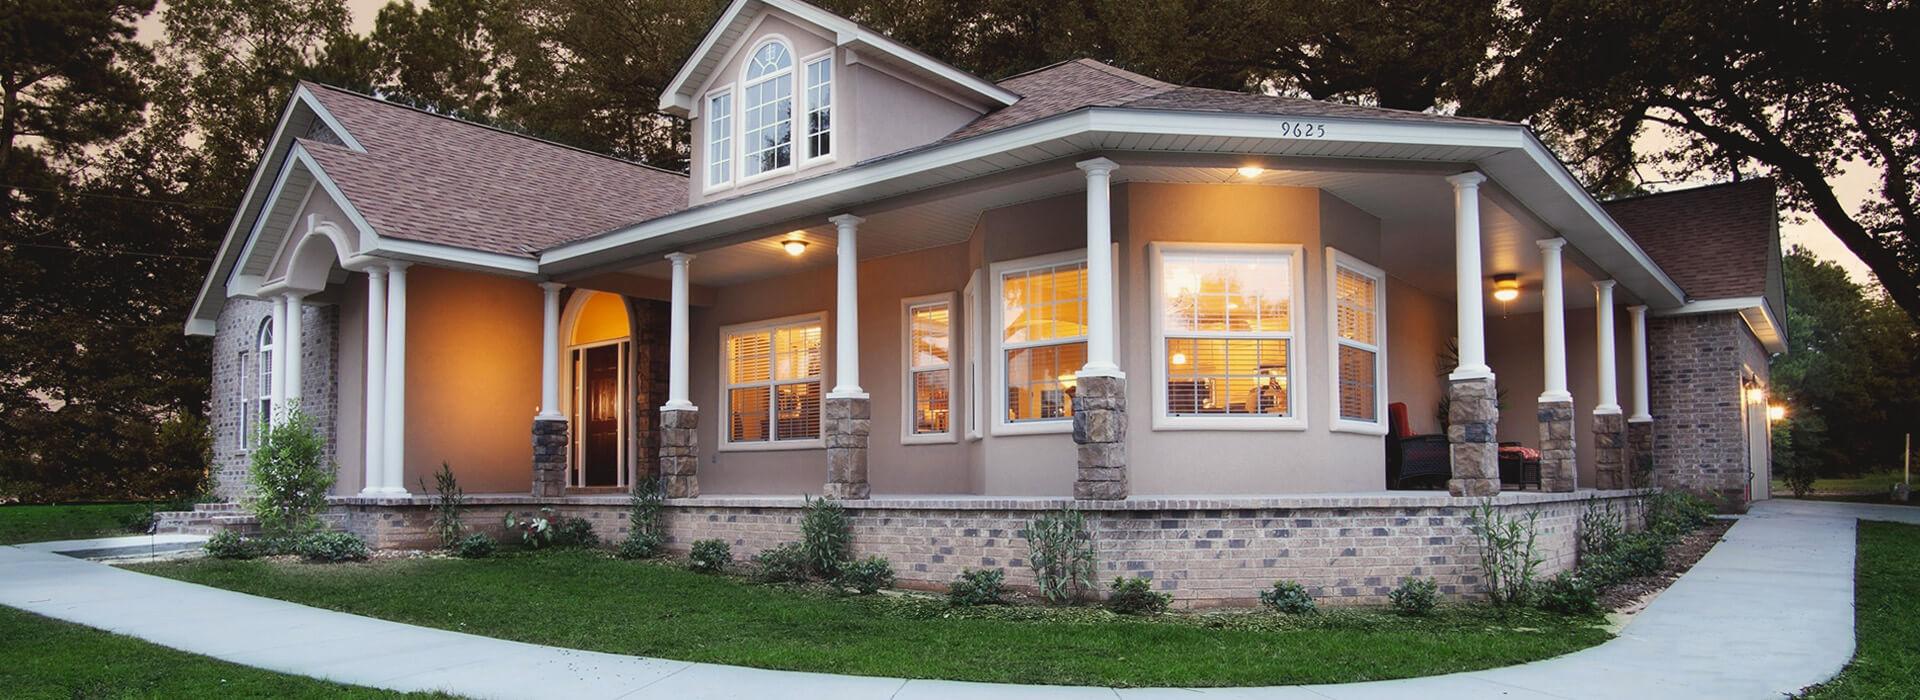 Shop New Modular Homes | ModularHomes